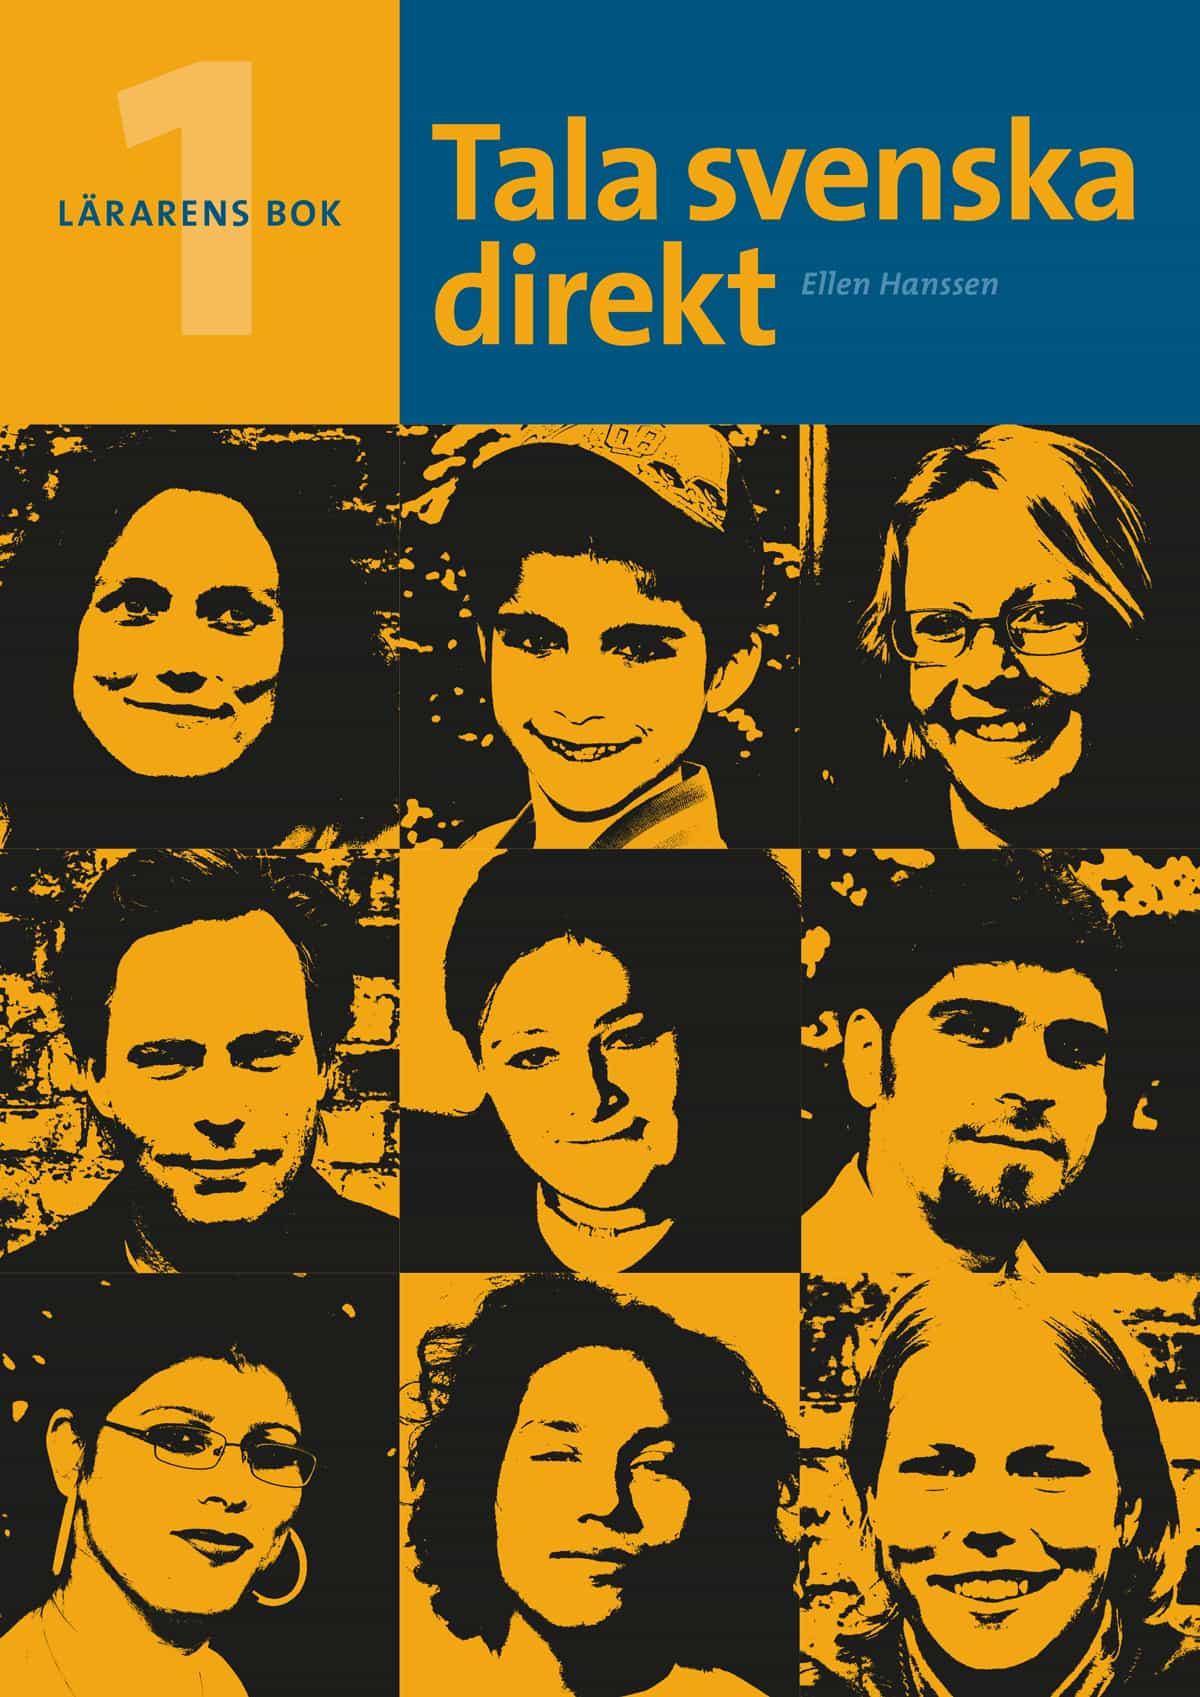 Tala svenska direkt Lärarens bok av Ellen Hanssen